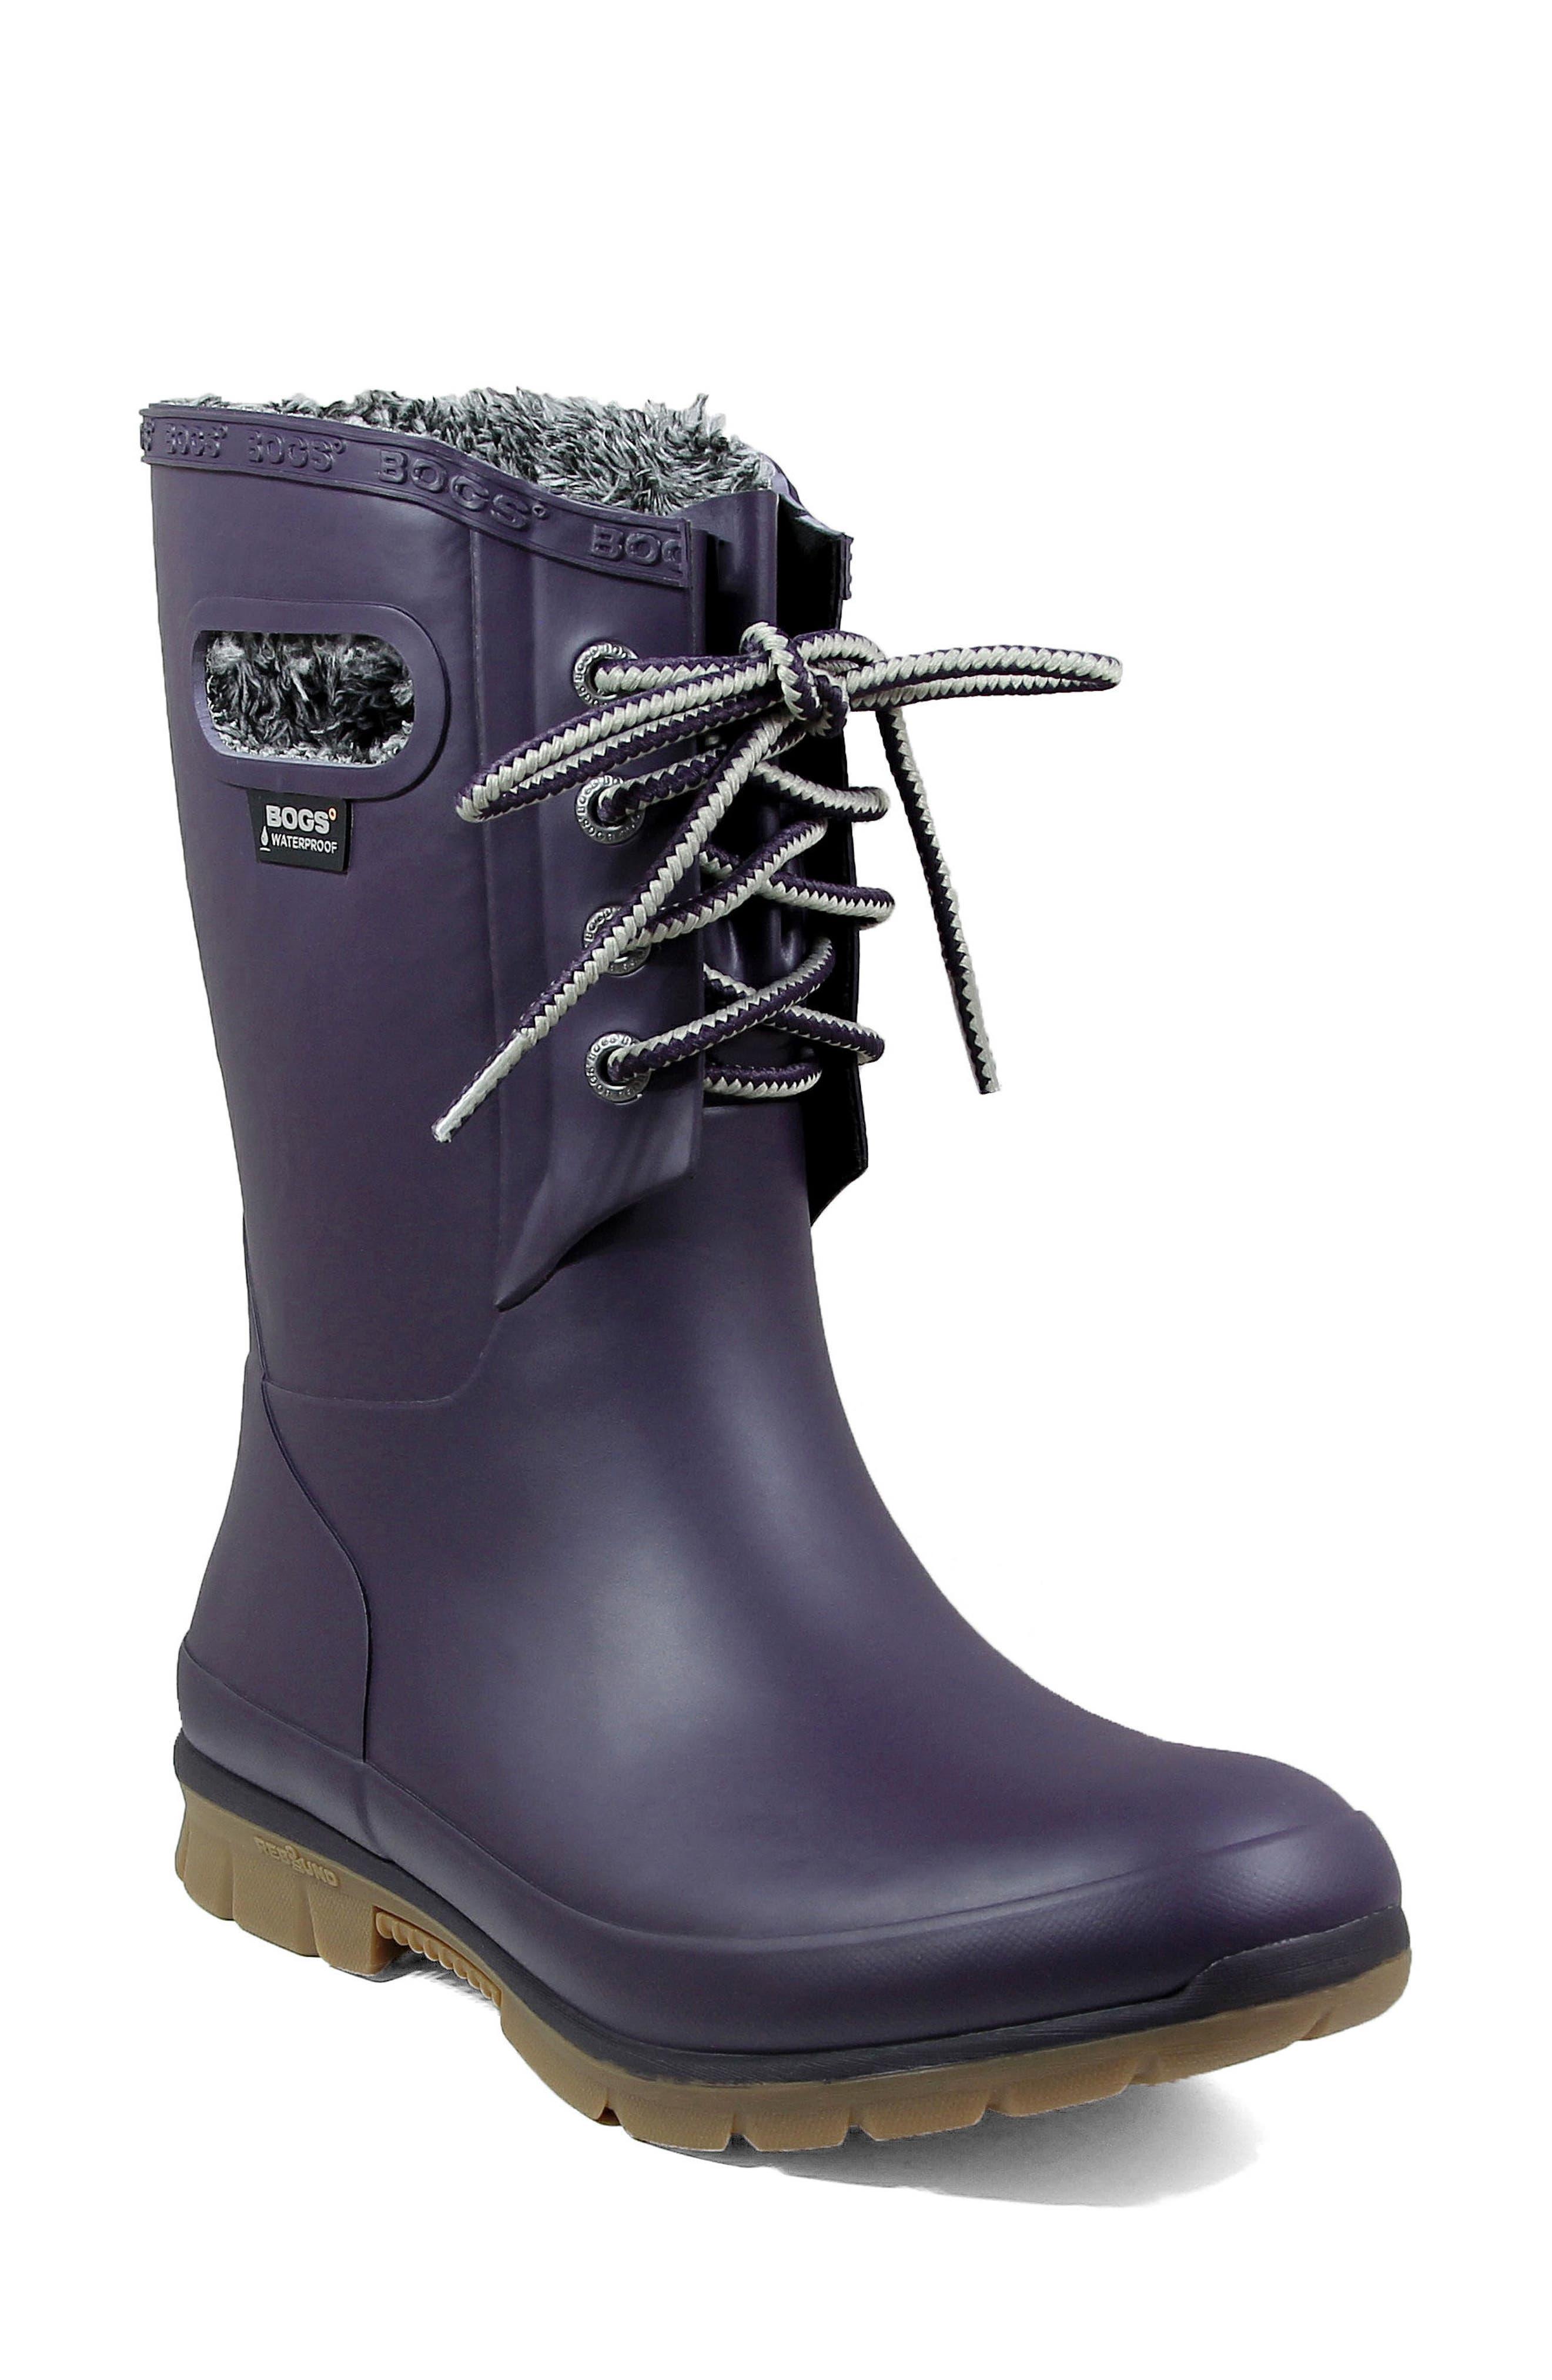 Alternate Image 1 Selected - Bogs Amanda Plush Waterproof Rain Boot (Women)